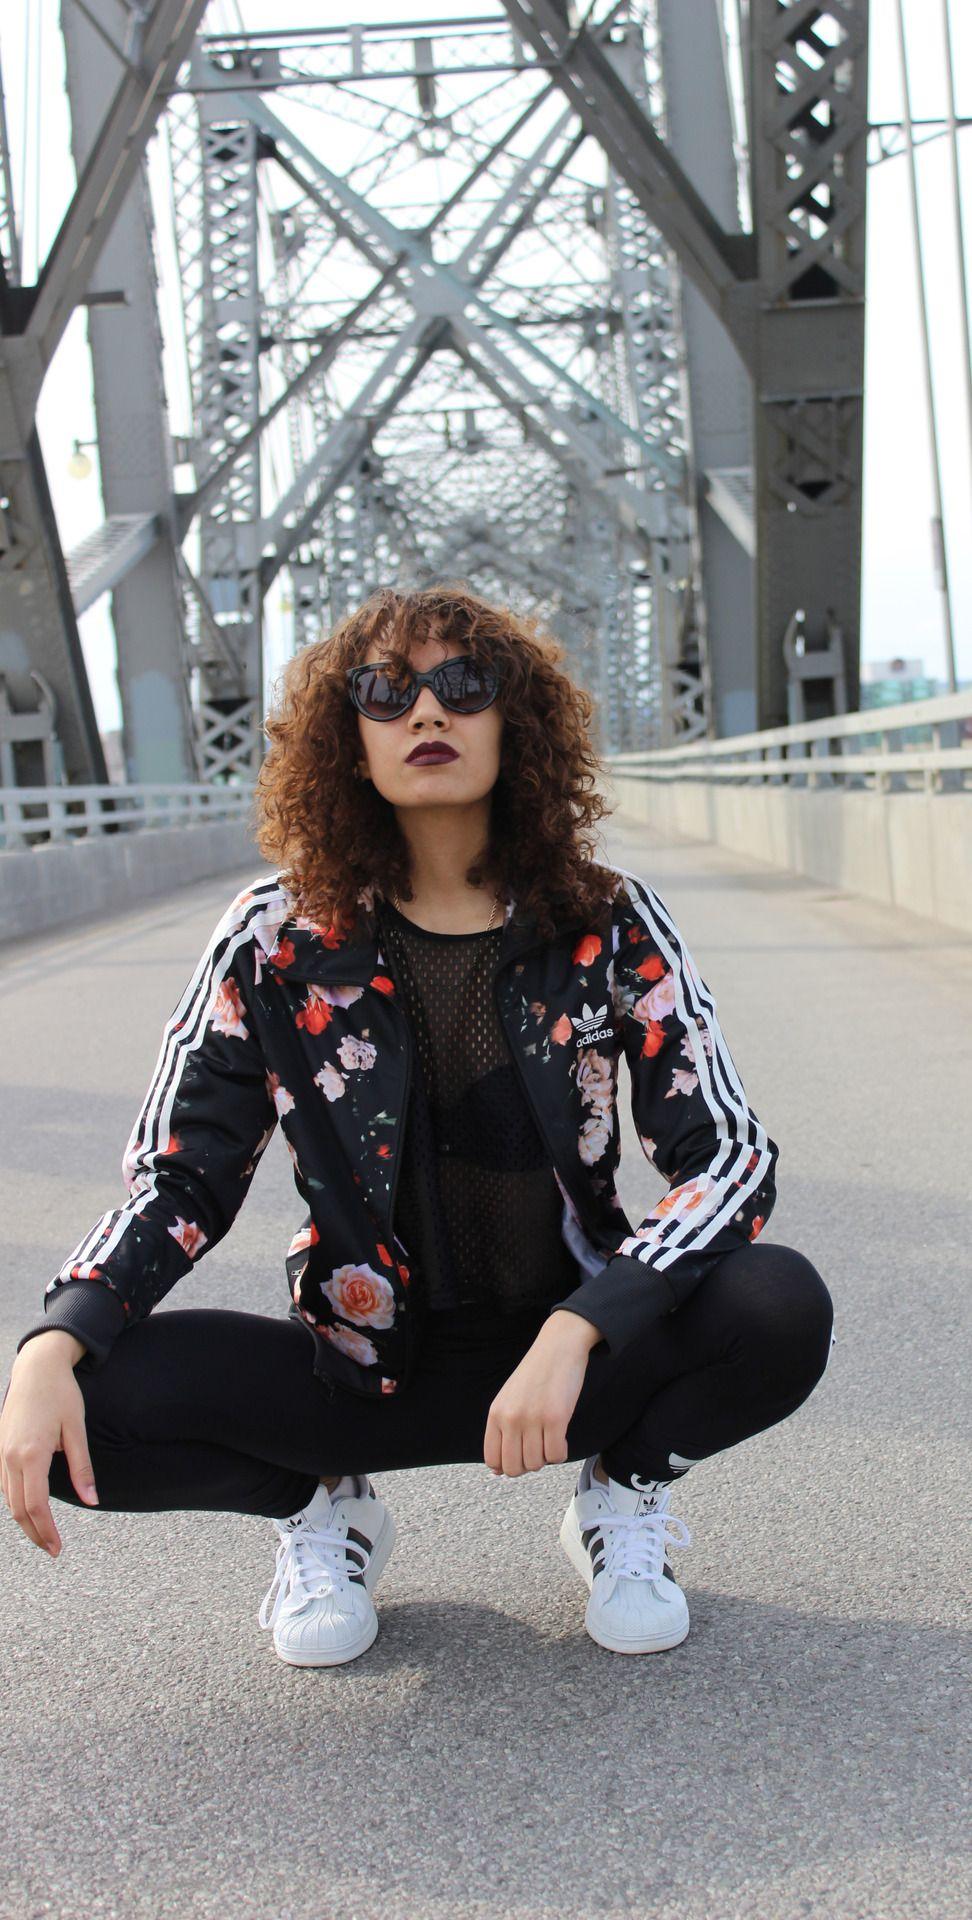 adidas superstar jacket tumblr